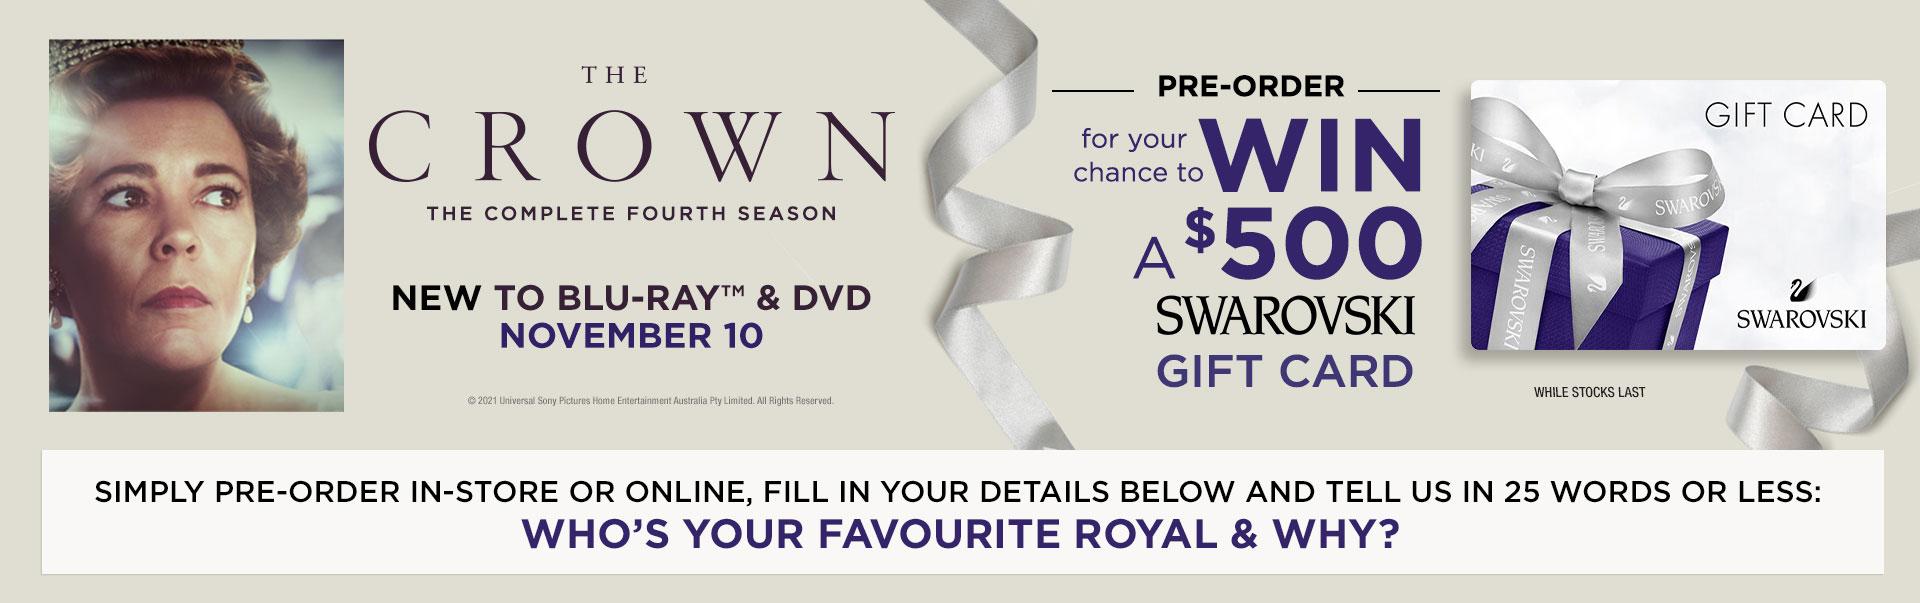 EnterThe Crown Season 4 comp below!